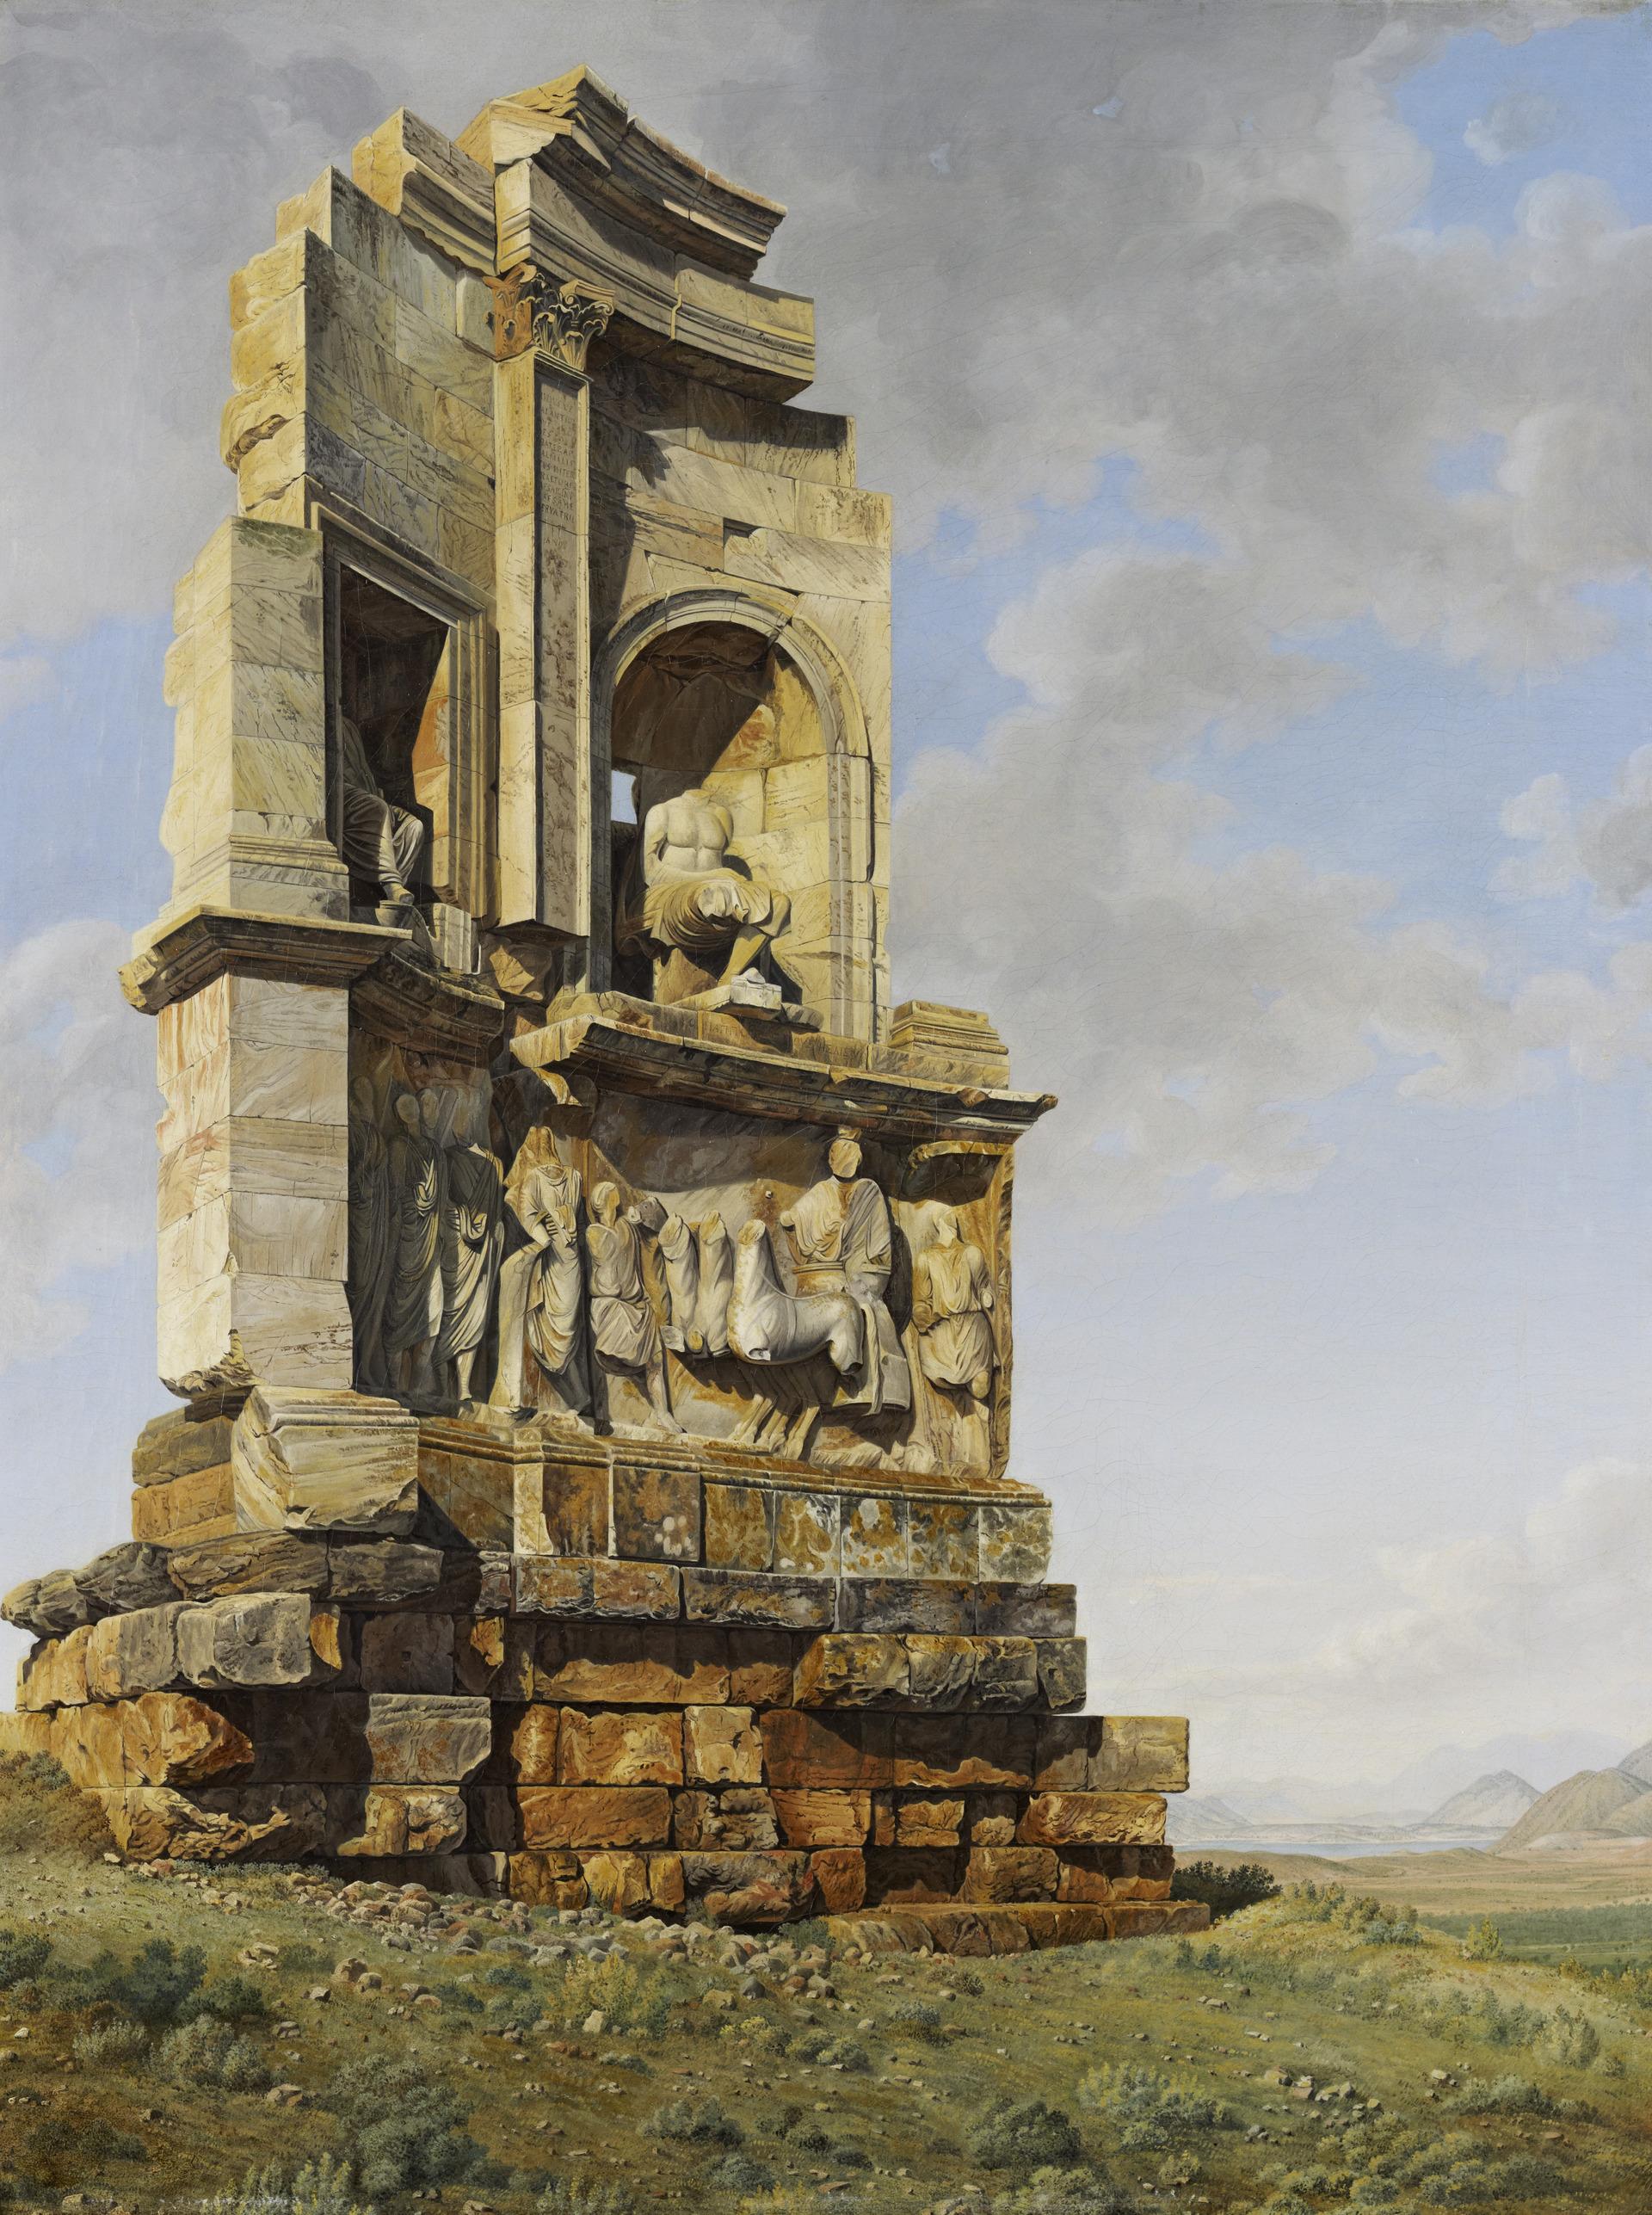 Το μνημείο του Φιλοπάππου λέγεται πως κτίστηκε στην ίδια θέση όπου παλαιότερα είχε ταφεί ο ποιητής Μουσαίος (Παυσανίας 1.25.8) (National Galleries Scotland).